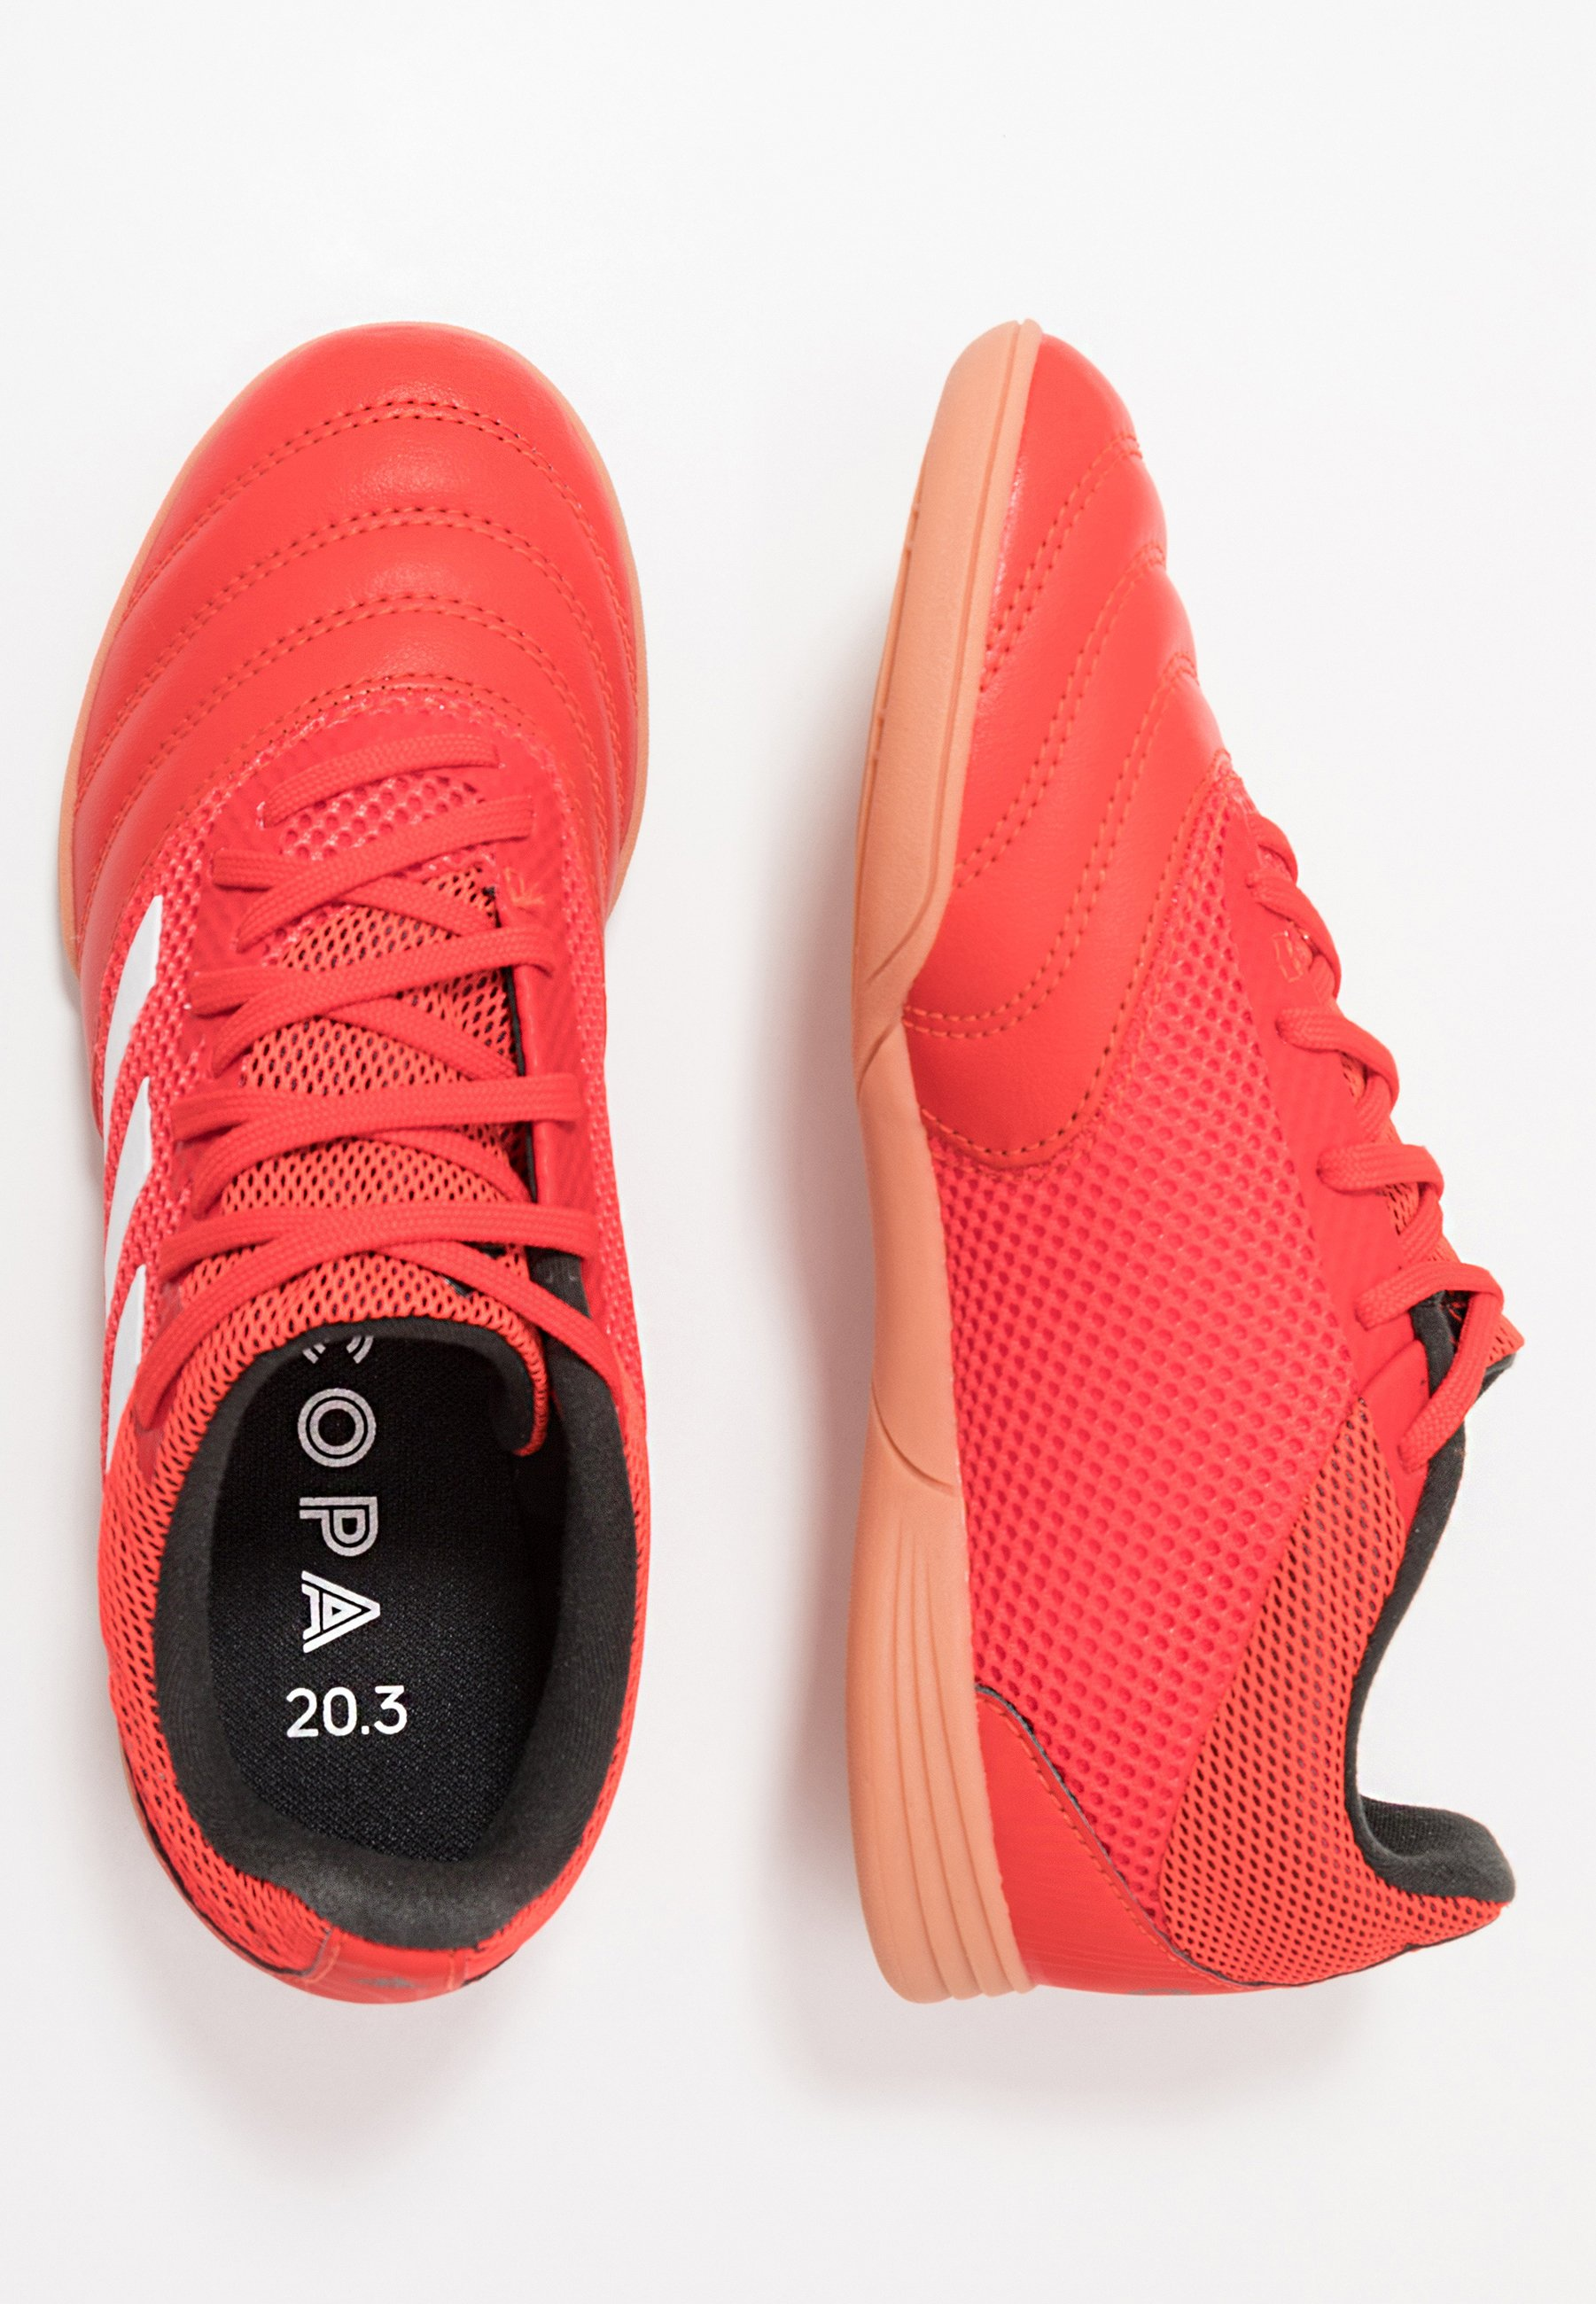 Botas de fútbol sin tacos online en oferta para niños | Zalando